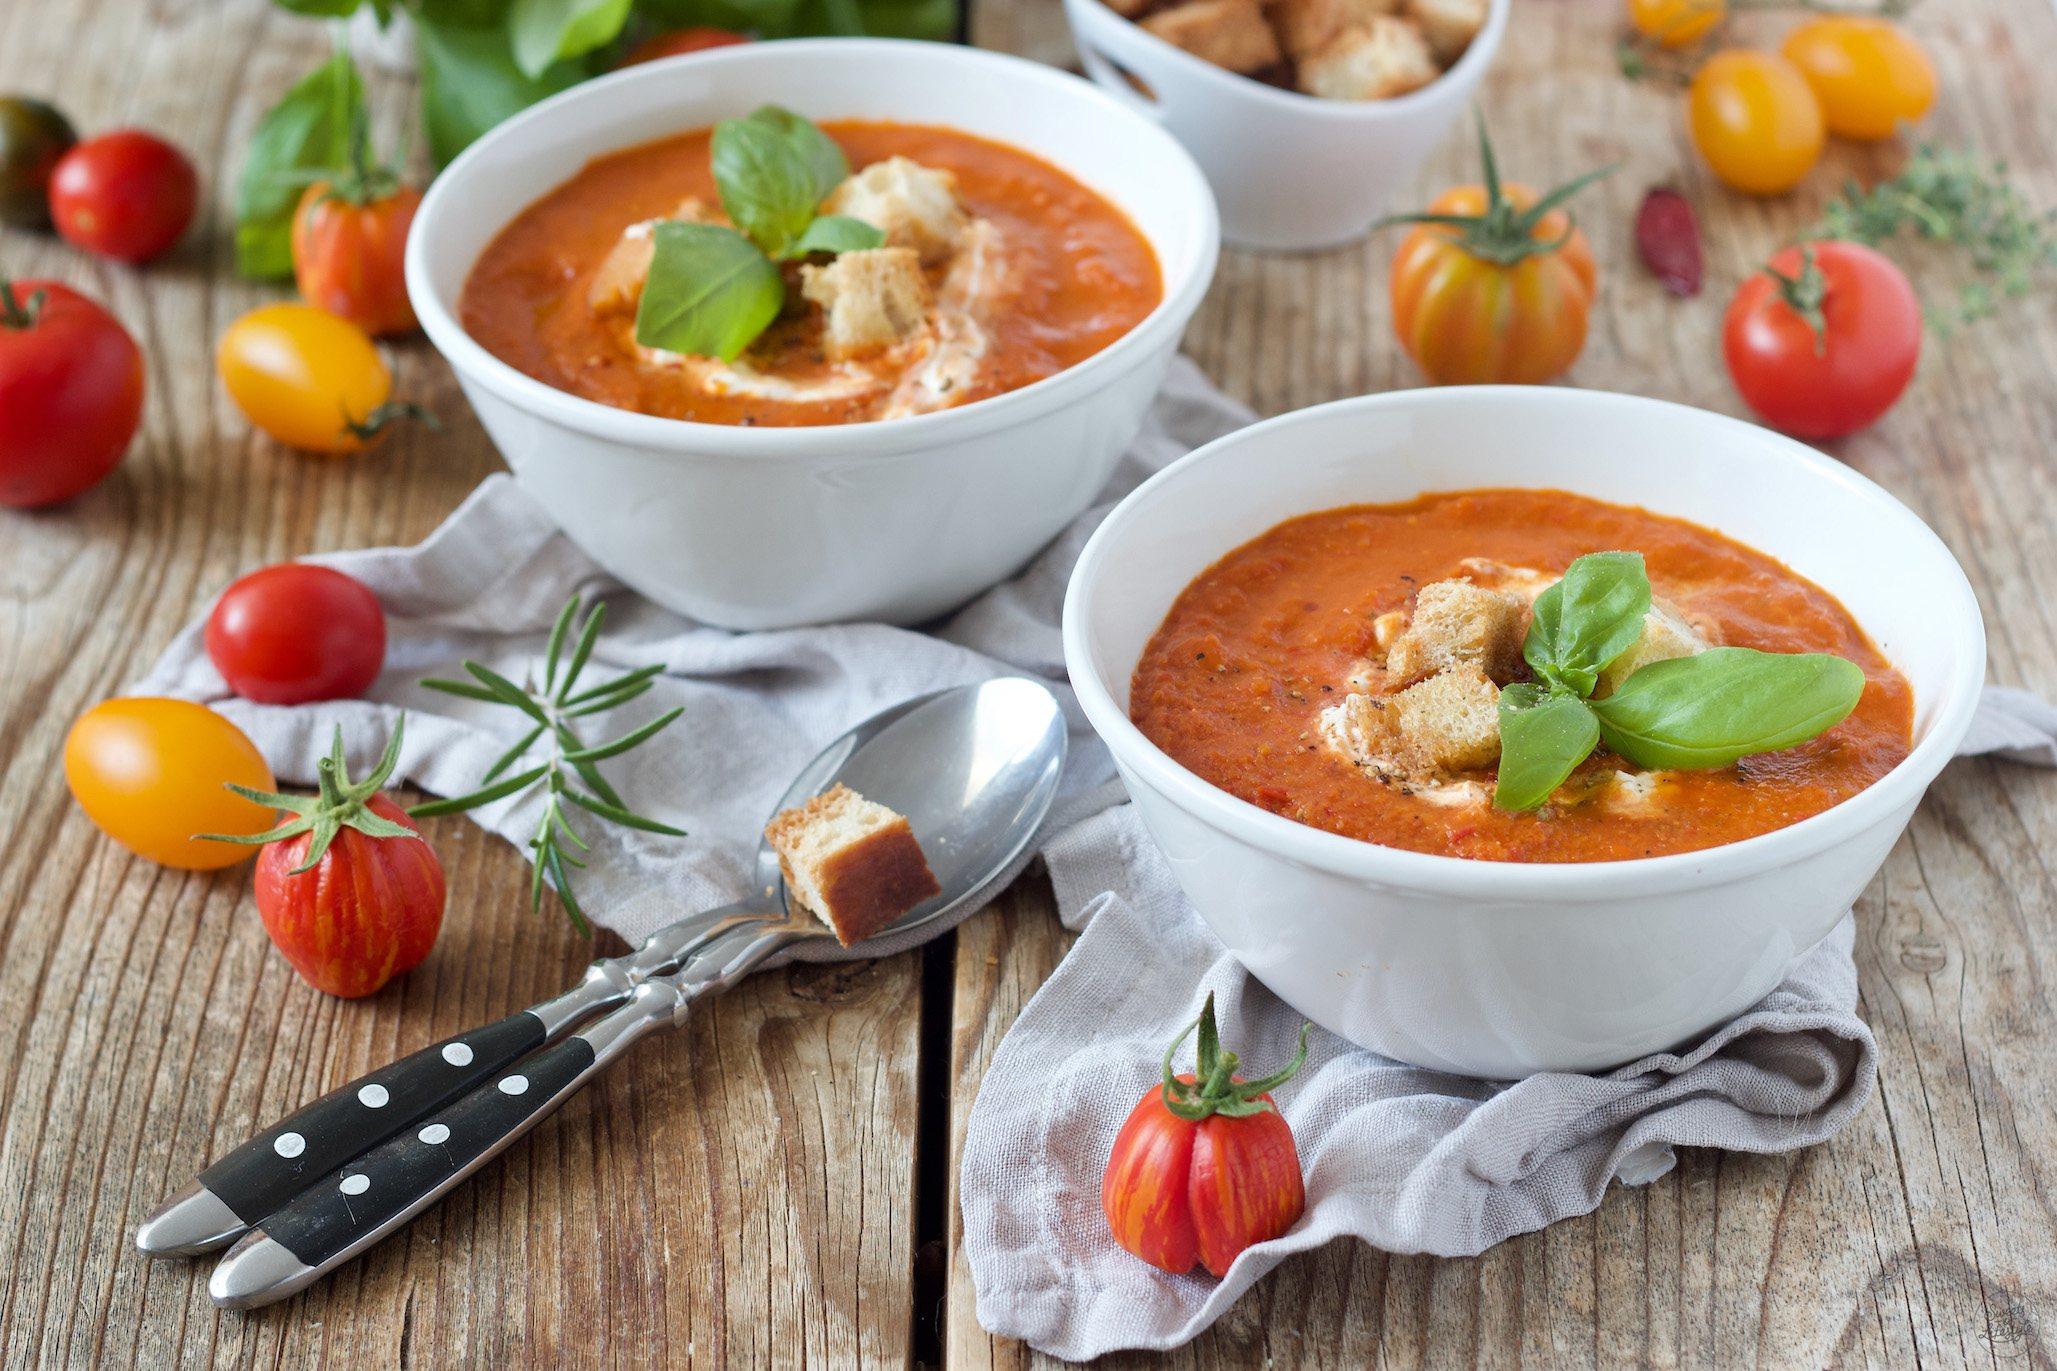 Tomatensuppe Aus Frischen Tomaten - Rezept - Sweets & Lifestyle® bei Rezepte Tomatensuppe Aus Frischen Tomaten